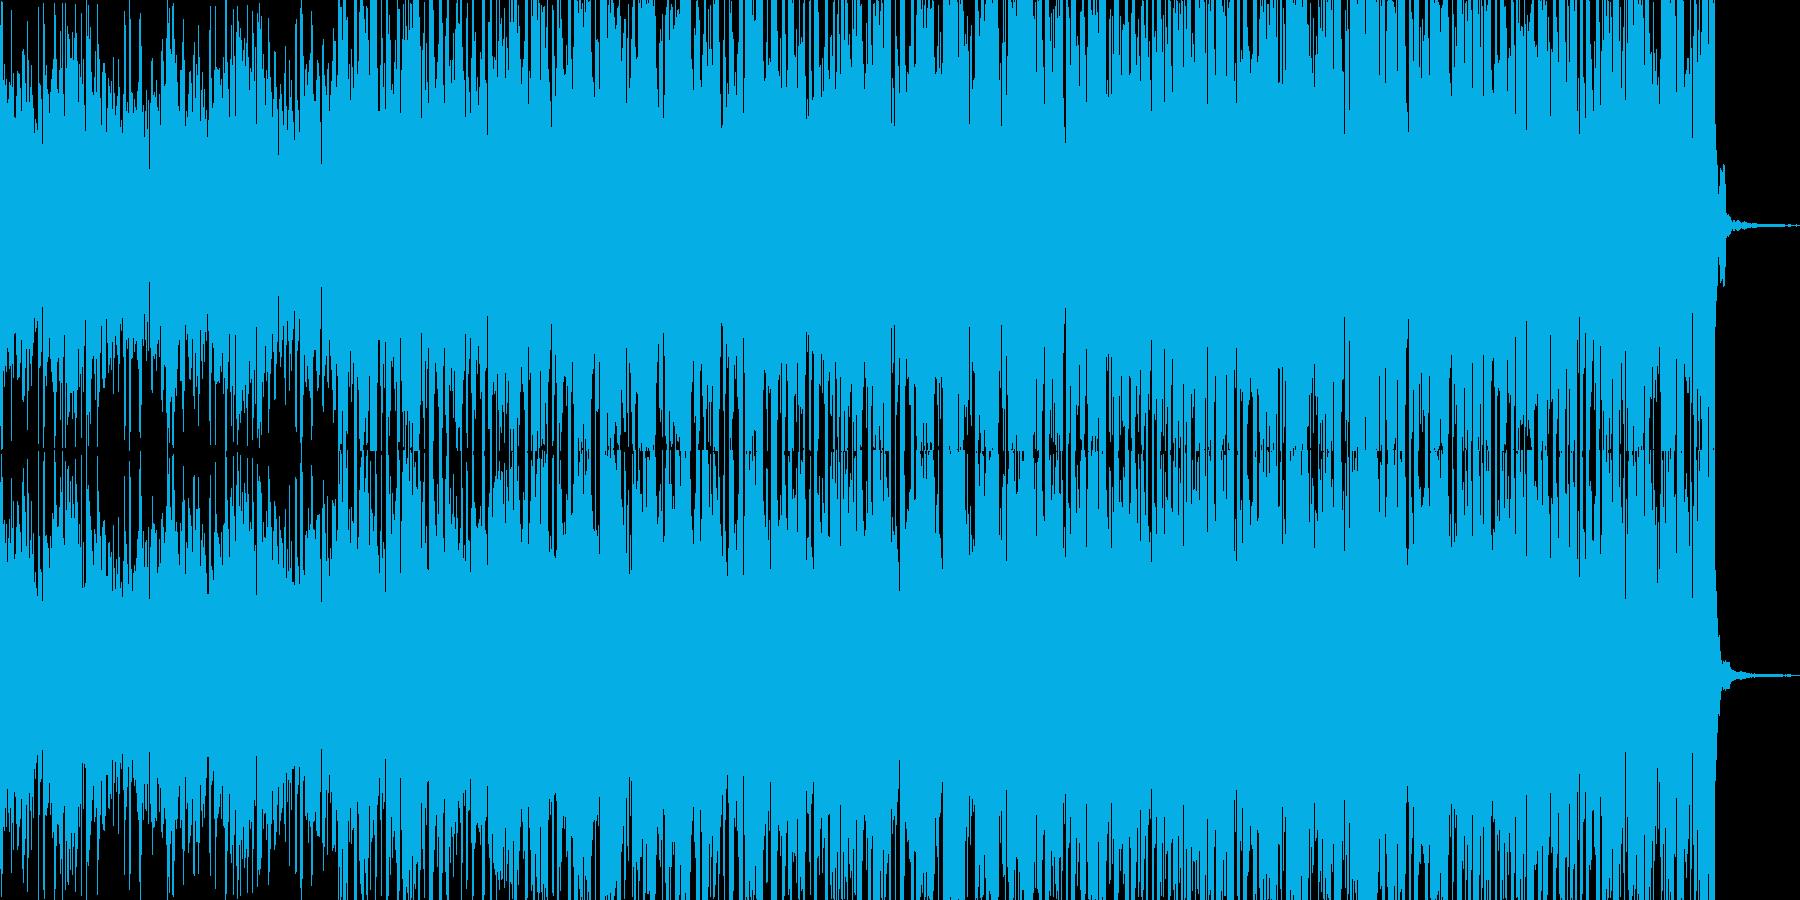 オープニング、CM、ジングル等のように…の再生済みの波形